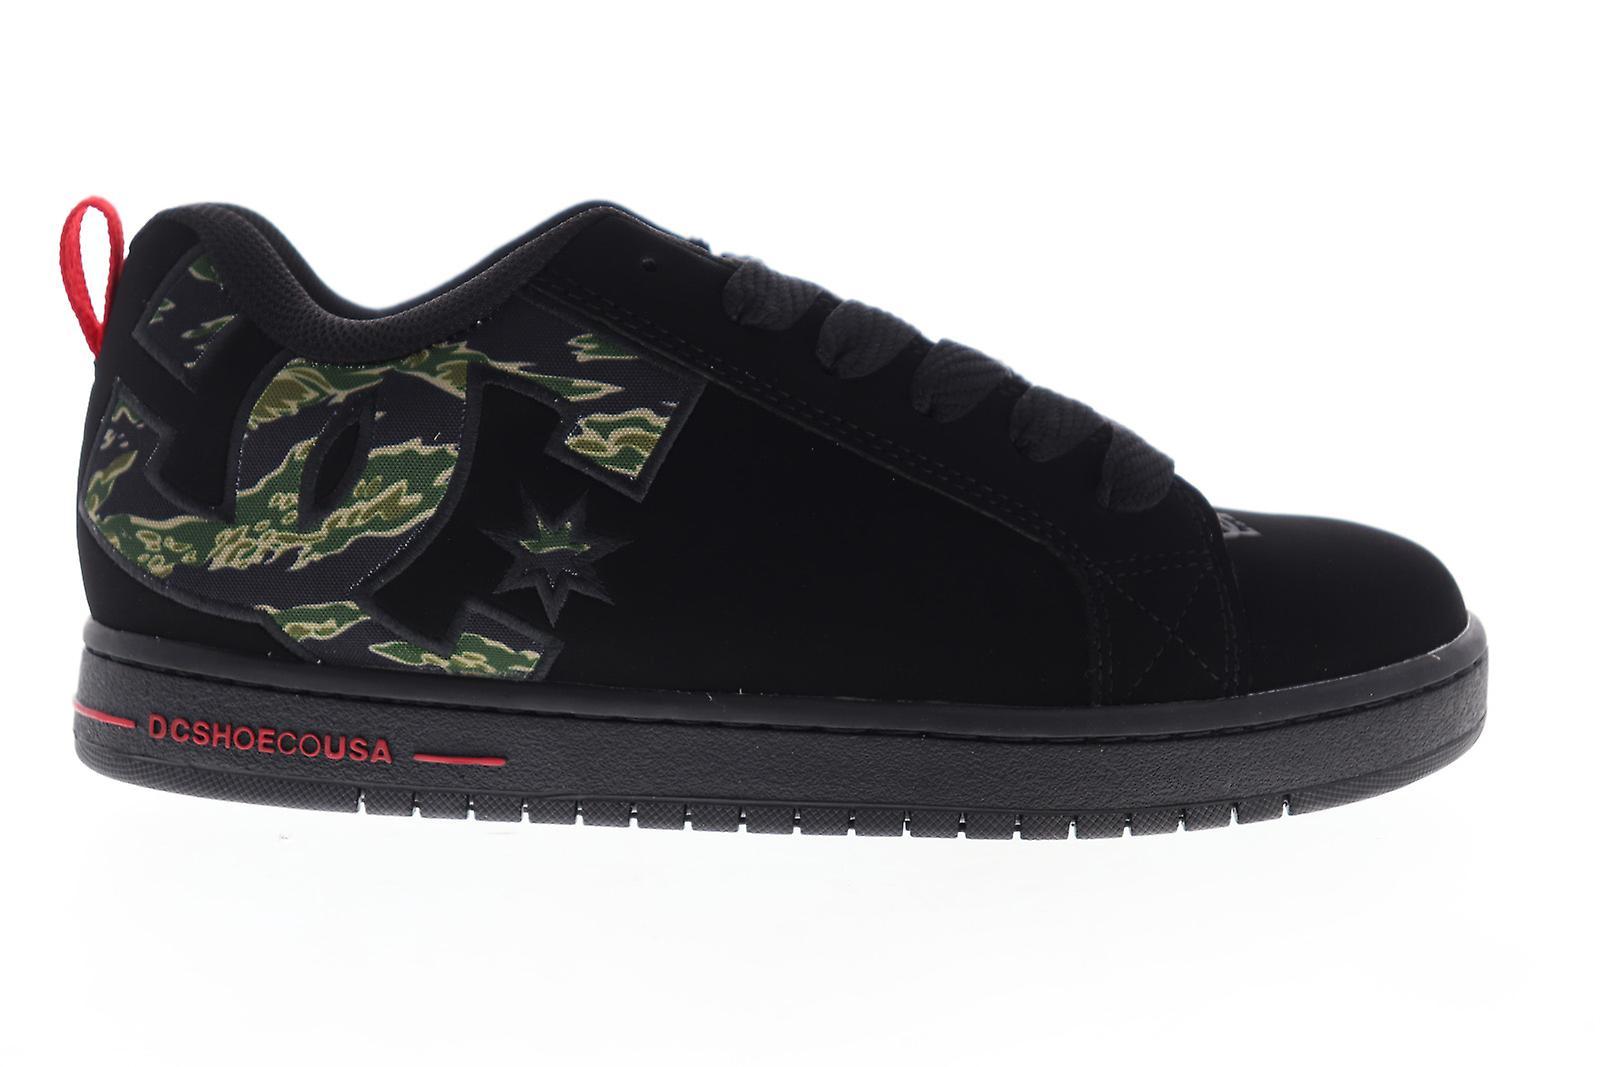 DC Court Graffik SE Mens Black Leather Lace Up Athletic Skate Shoes - Remise particulière